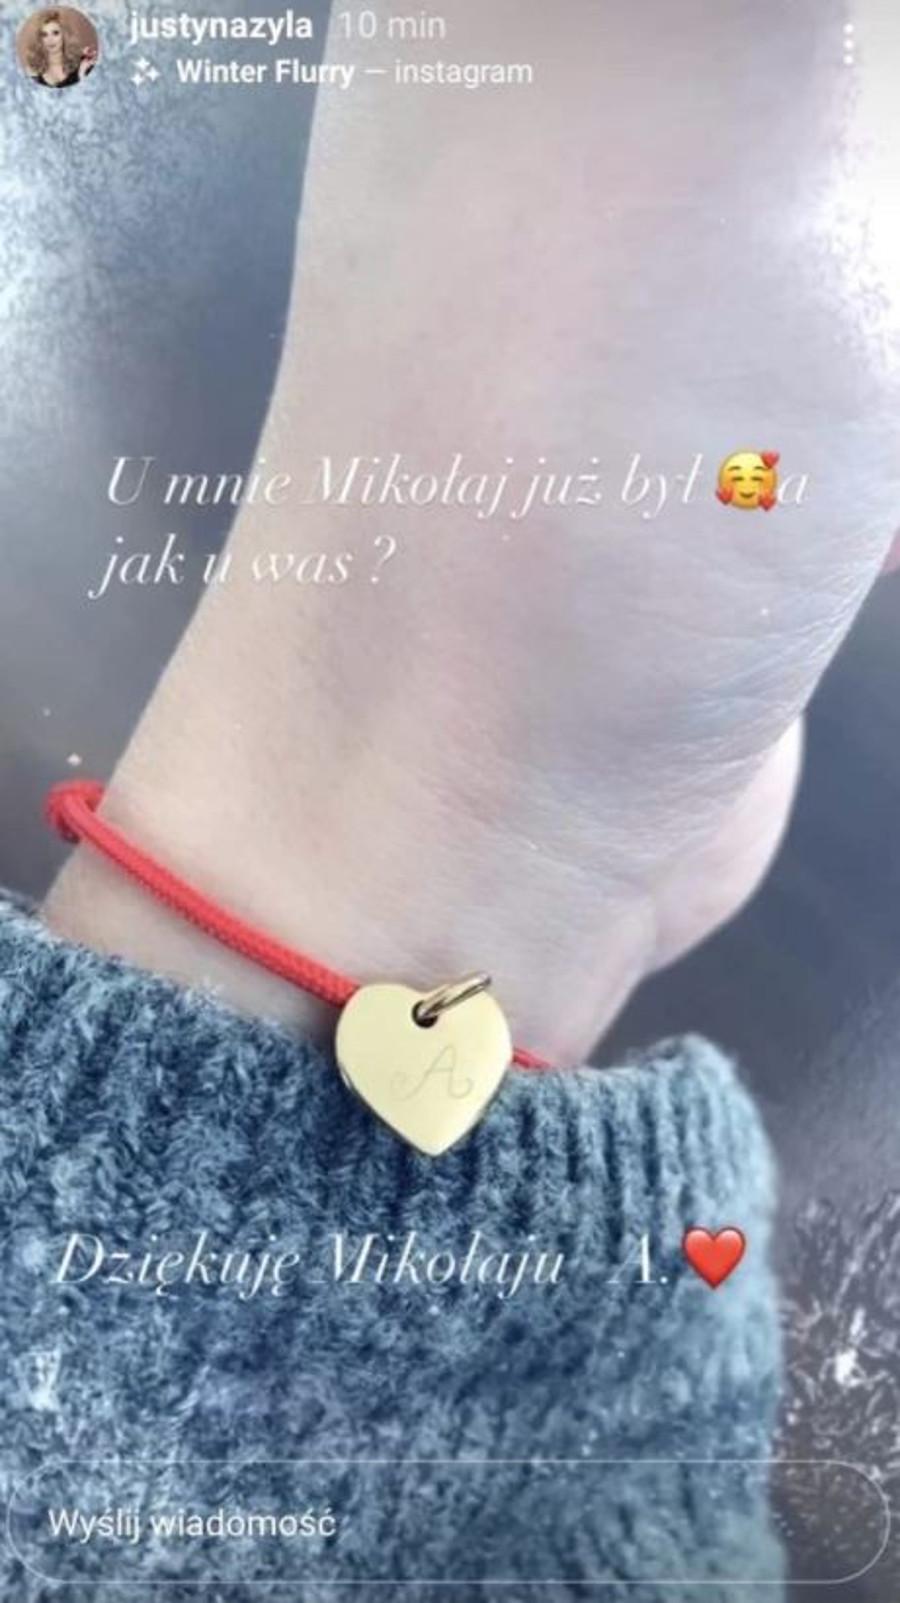 Justyna Żyła pokazała prezent od nowego chłopaka.